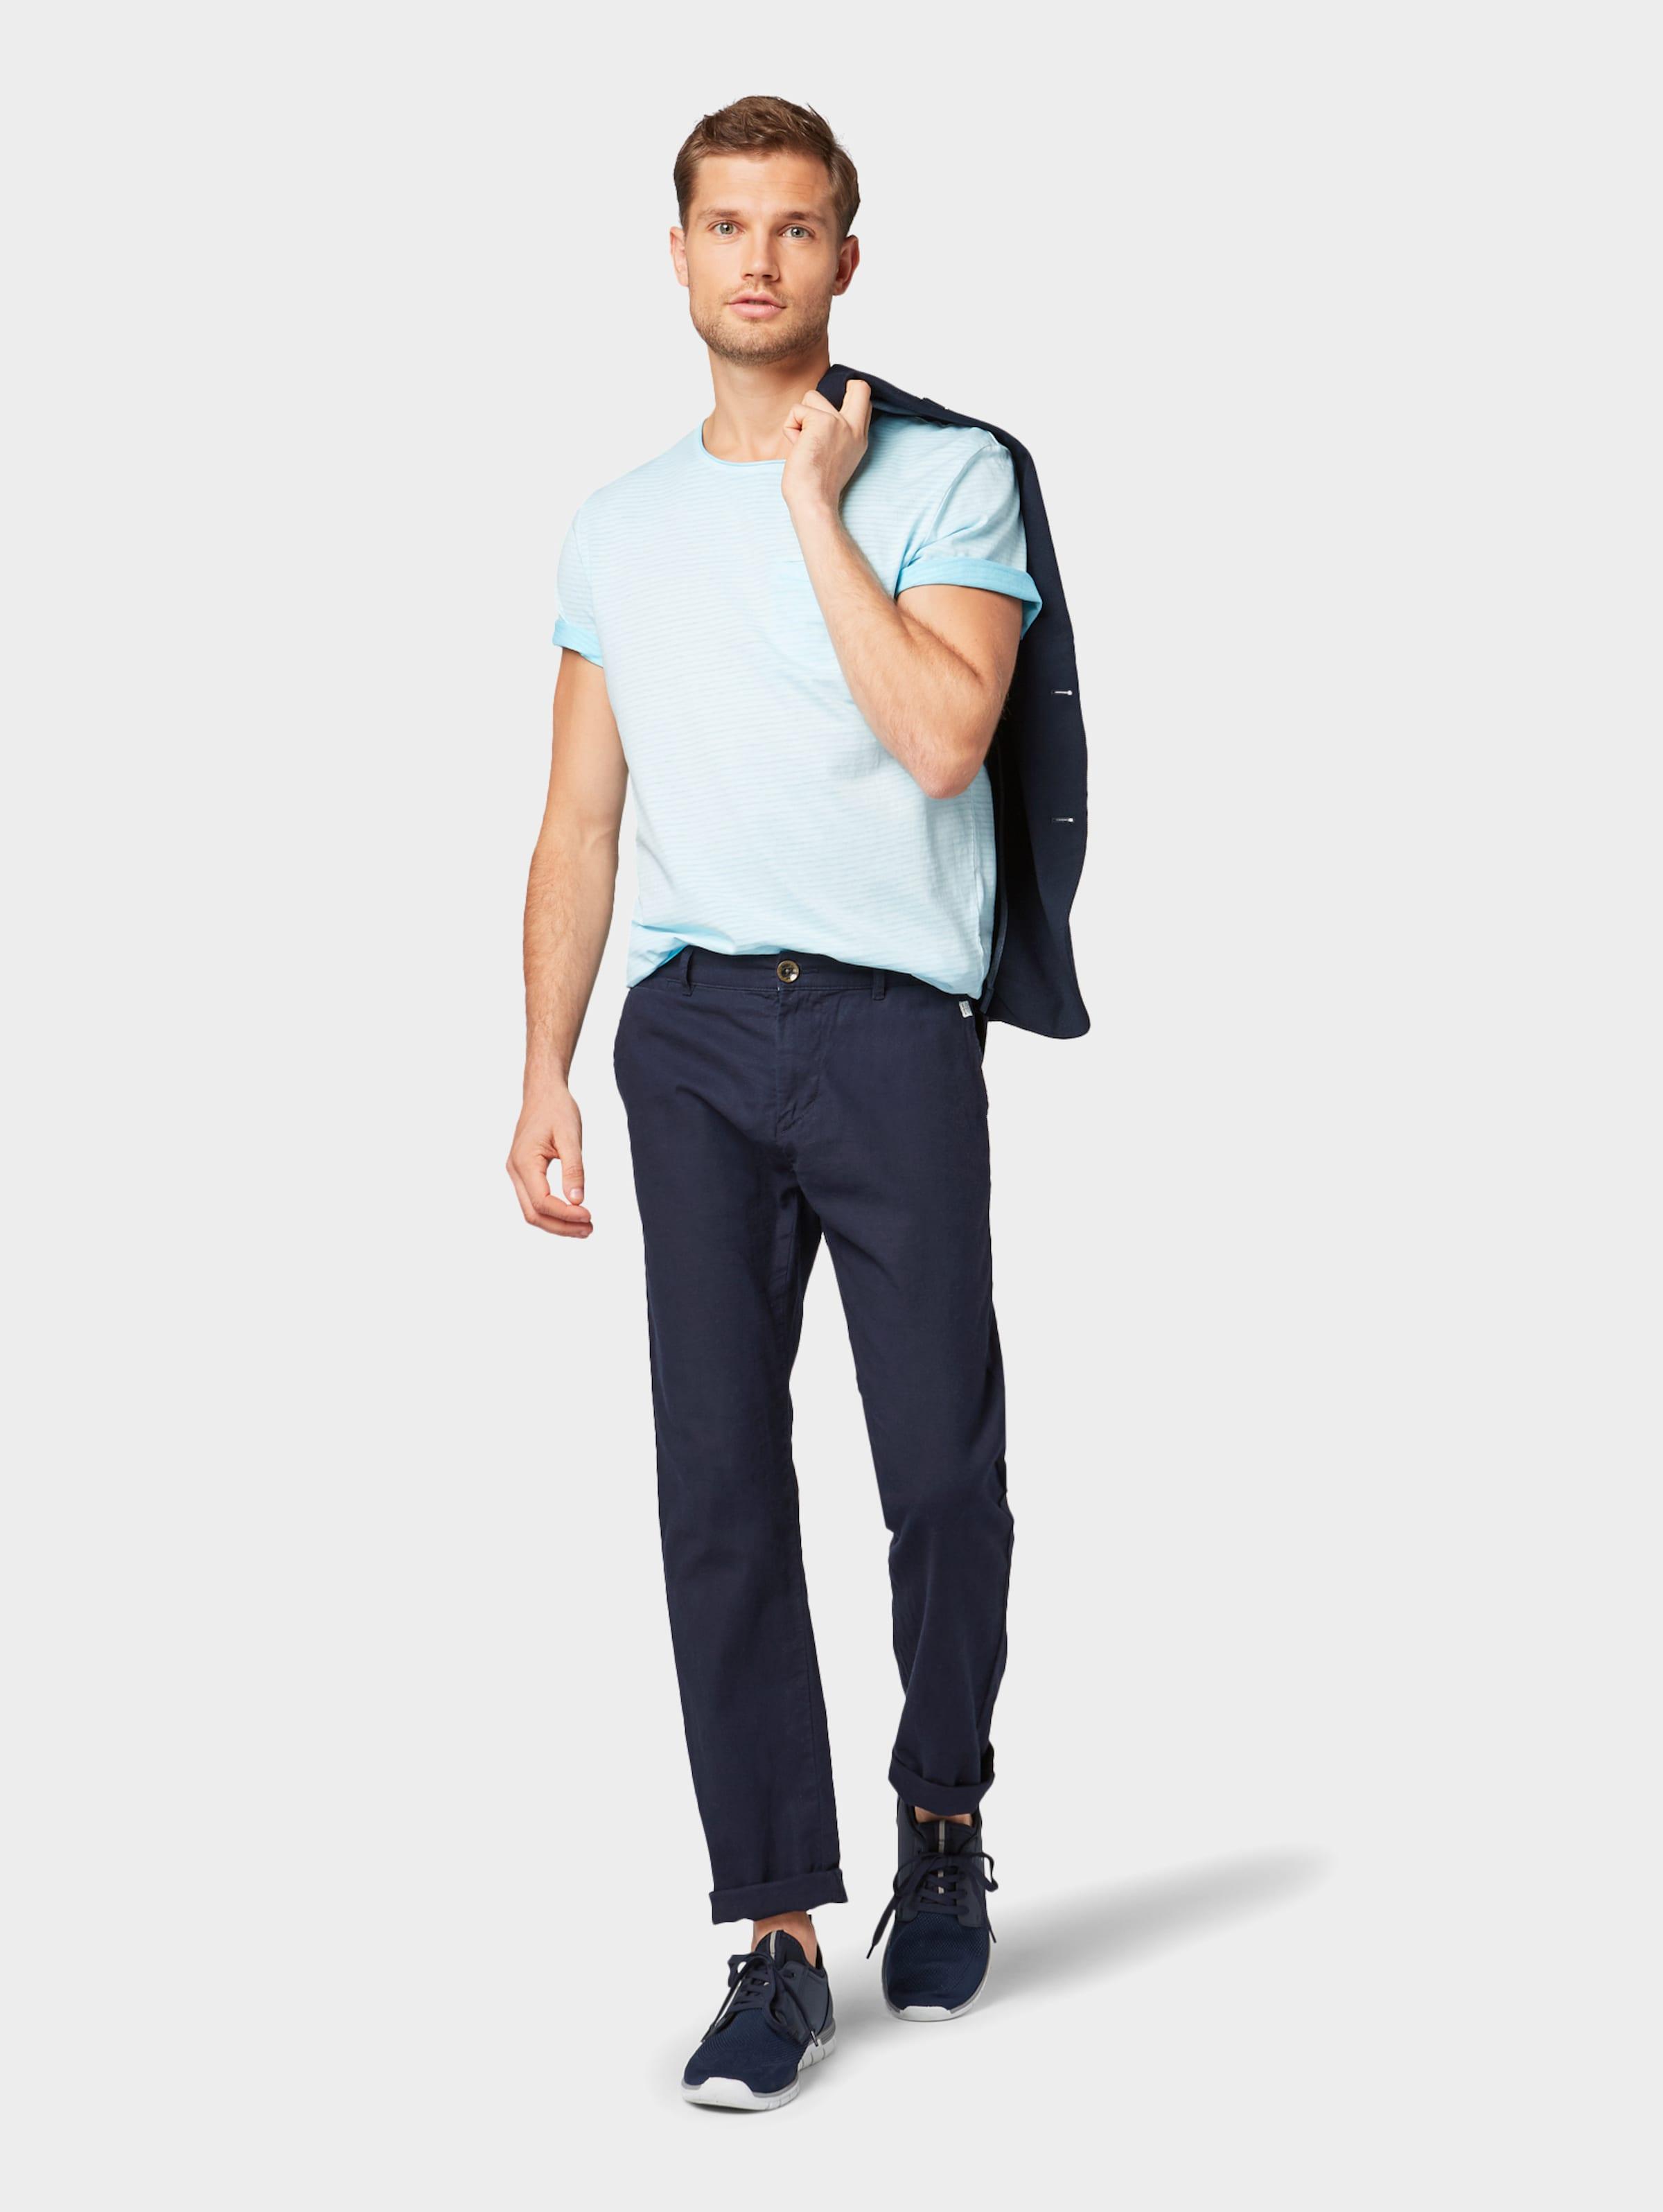 Tom Tailor Mit Eingrifftasche Hellblau In T shirt bfygY76